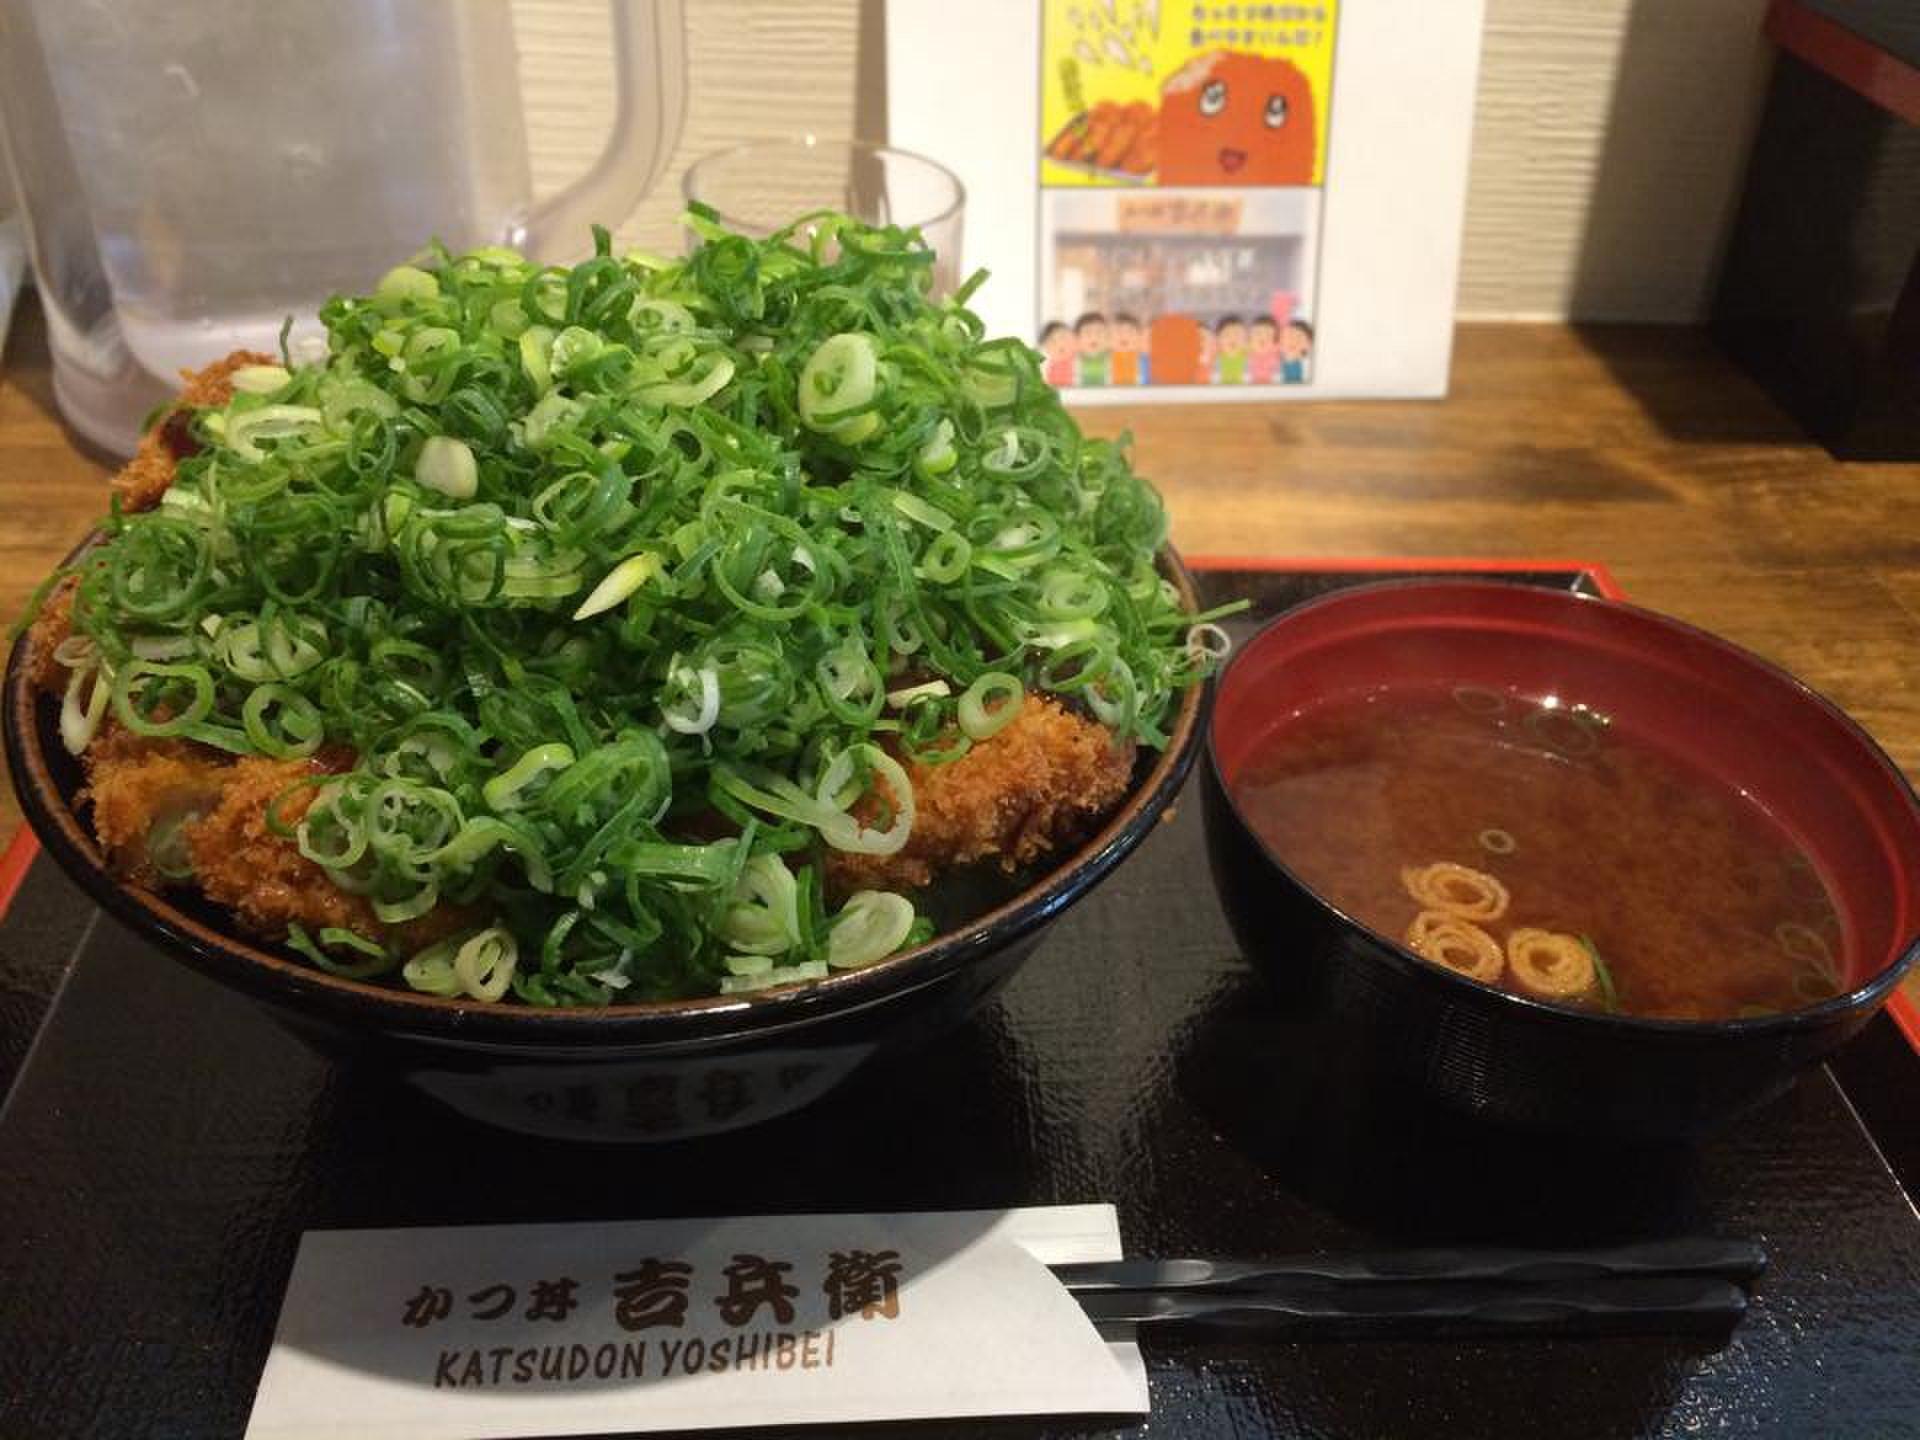 【兵庫行ったらここへ行こう】ガッツリ満腹、ボリューム満点でしかも安い!大満足間違いなしです!